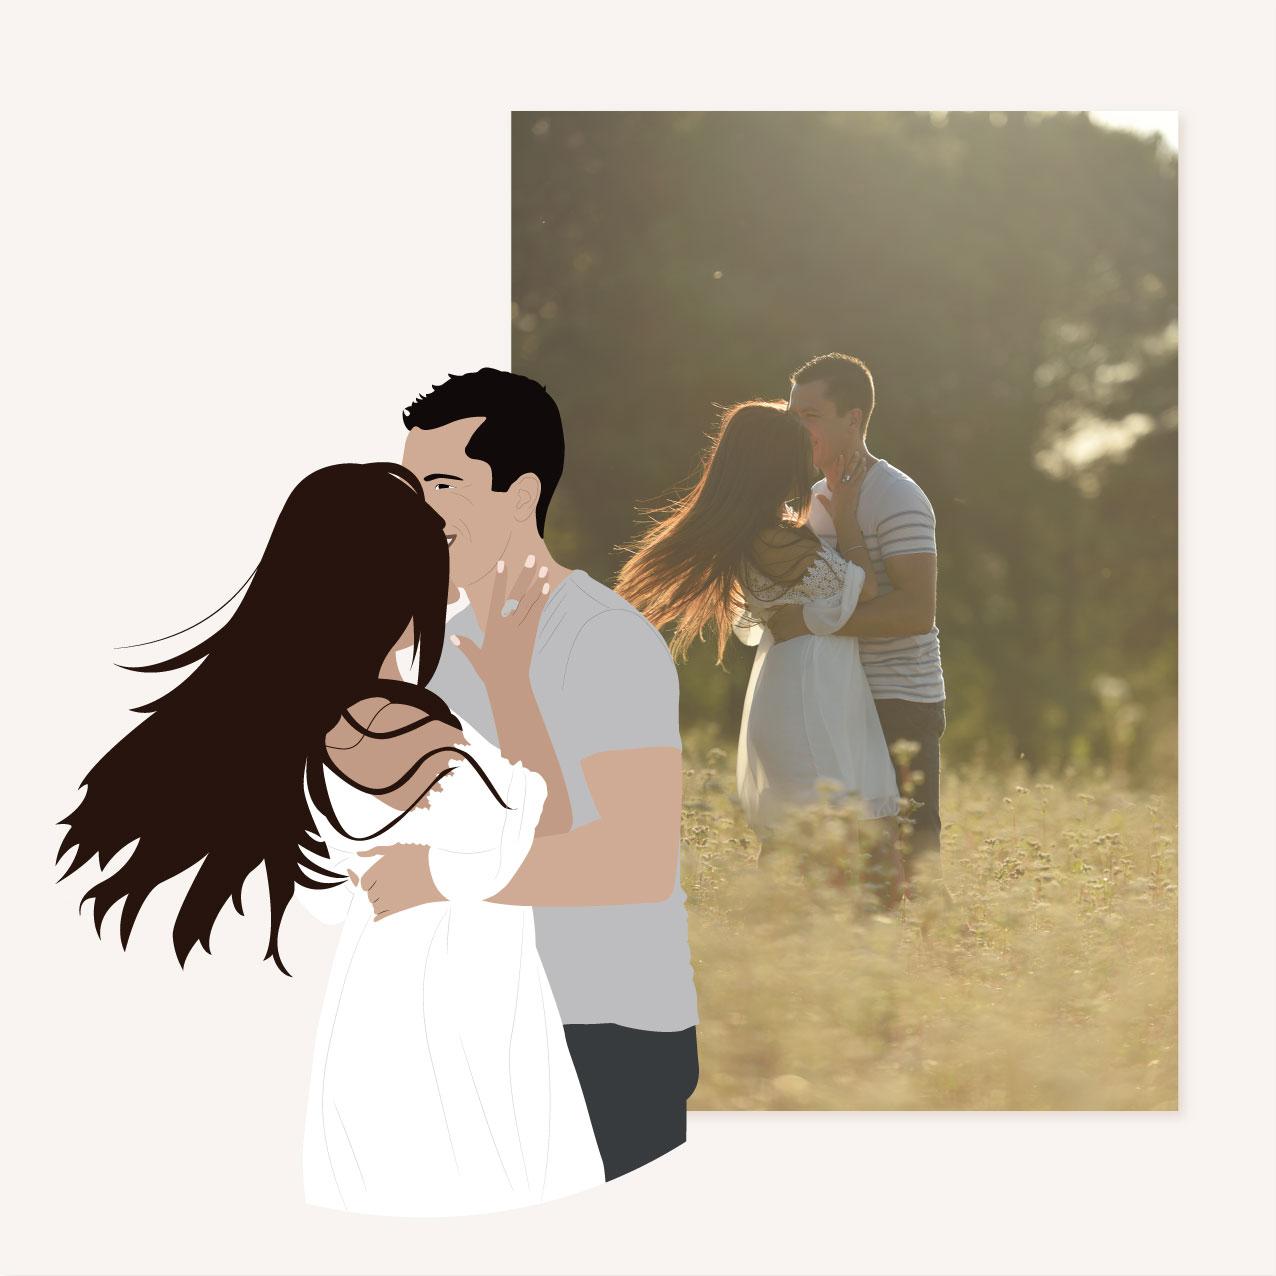 Illustration avant après, mariage, portrait, toi et moi, dessin, couple, photo, romantique